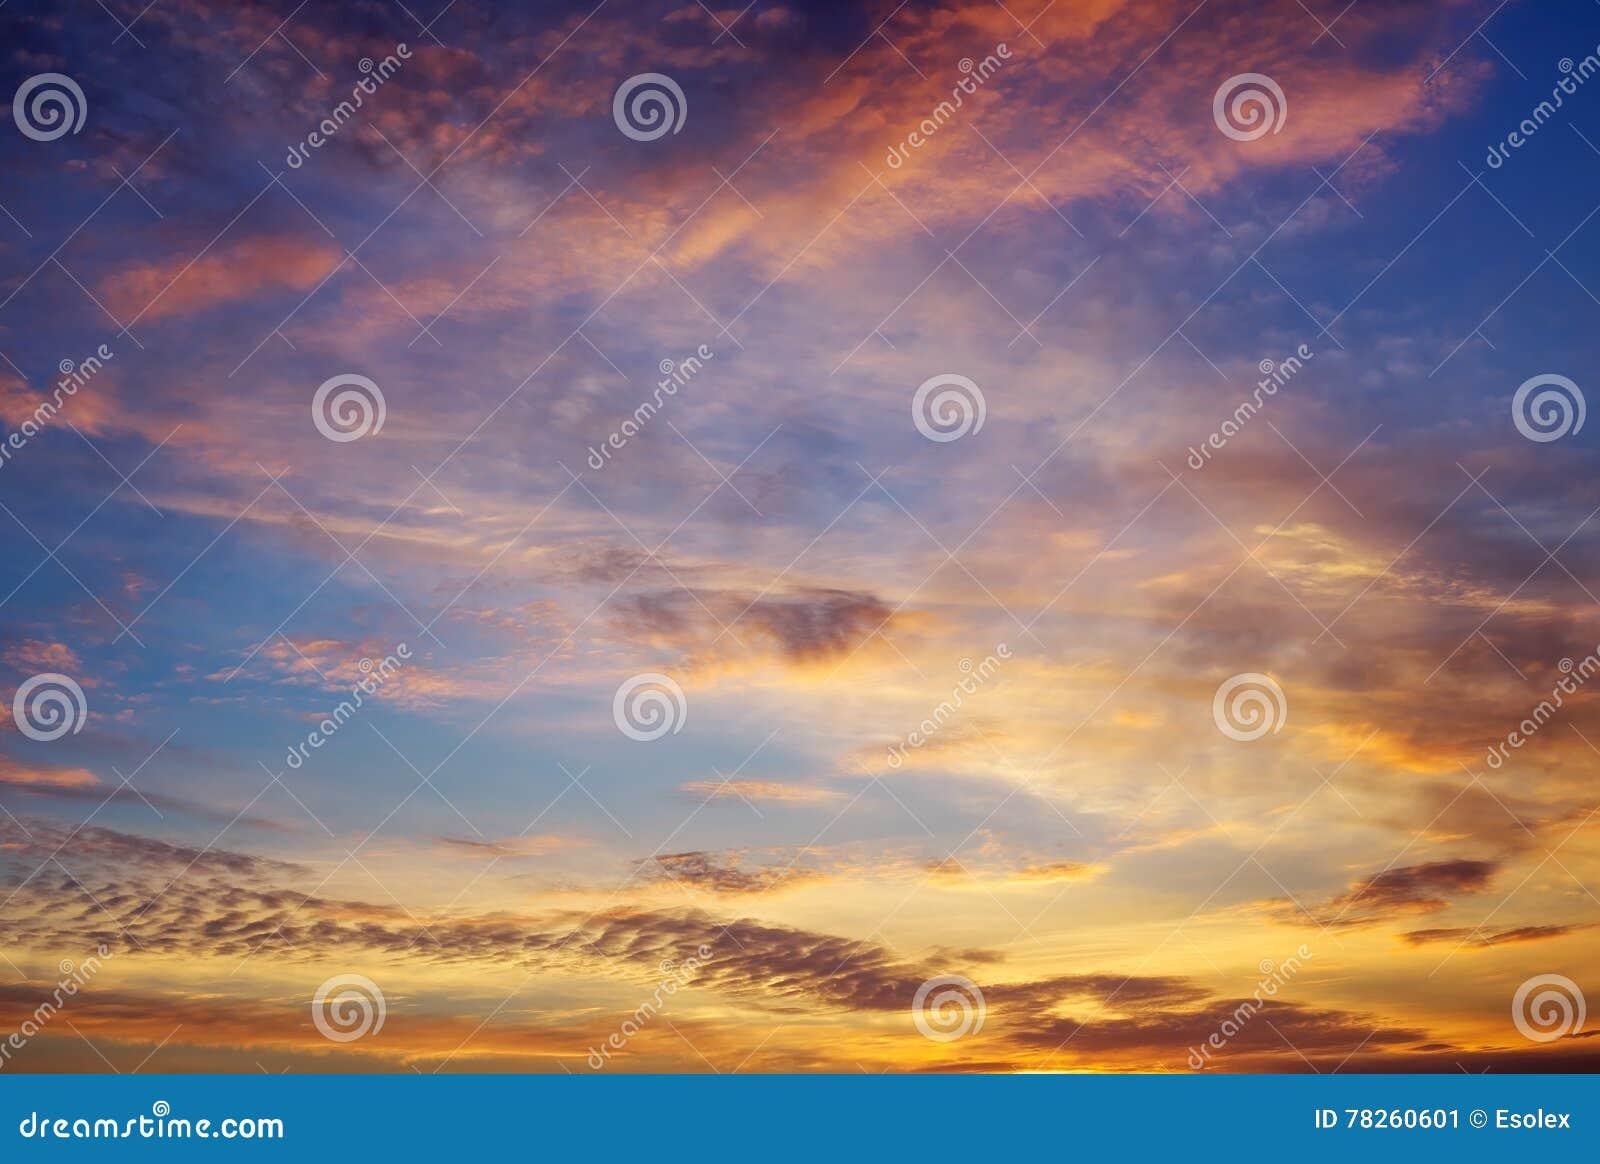 Όμορφος βαθύς ζωηρόχρωμος ουρανός με τα σύννεφα στο ηλιοβασίλεμα